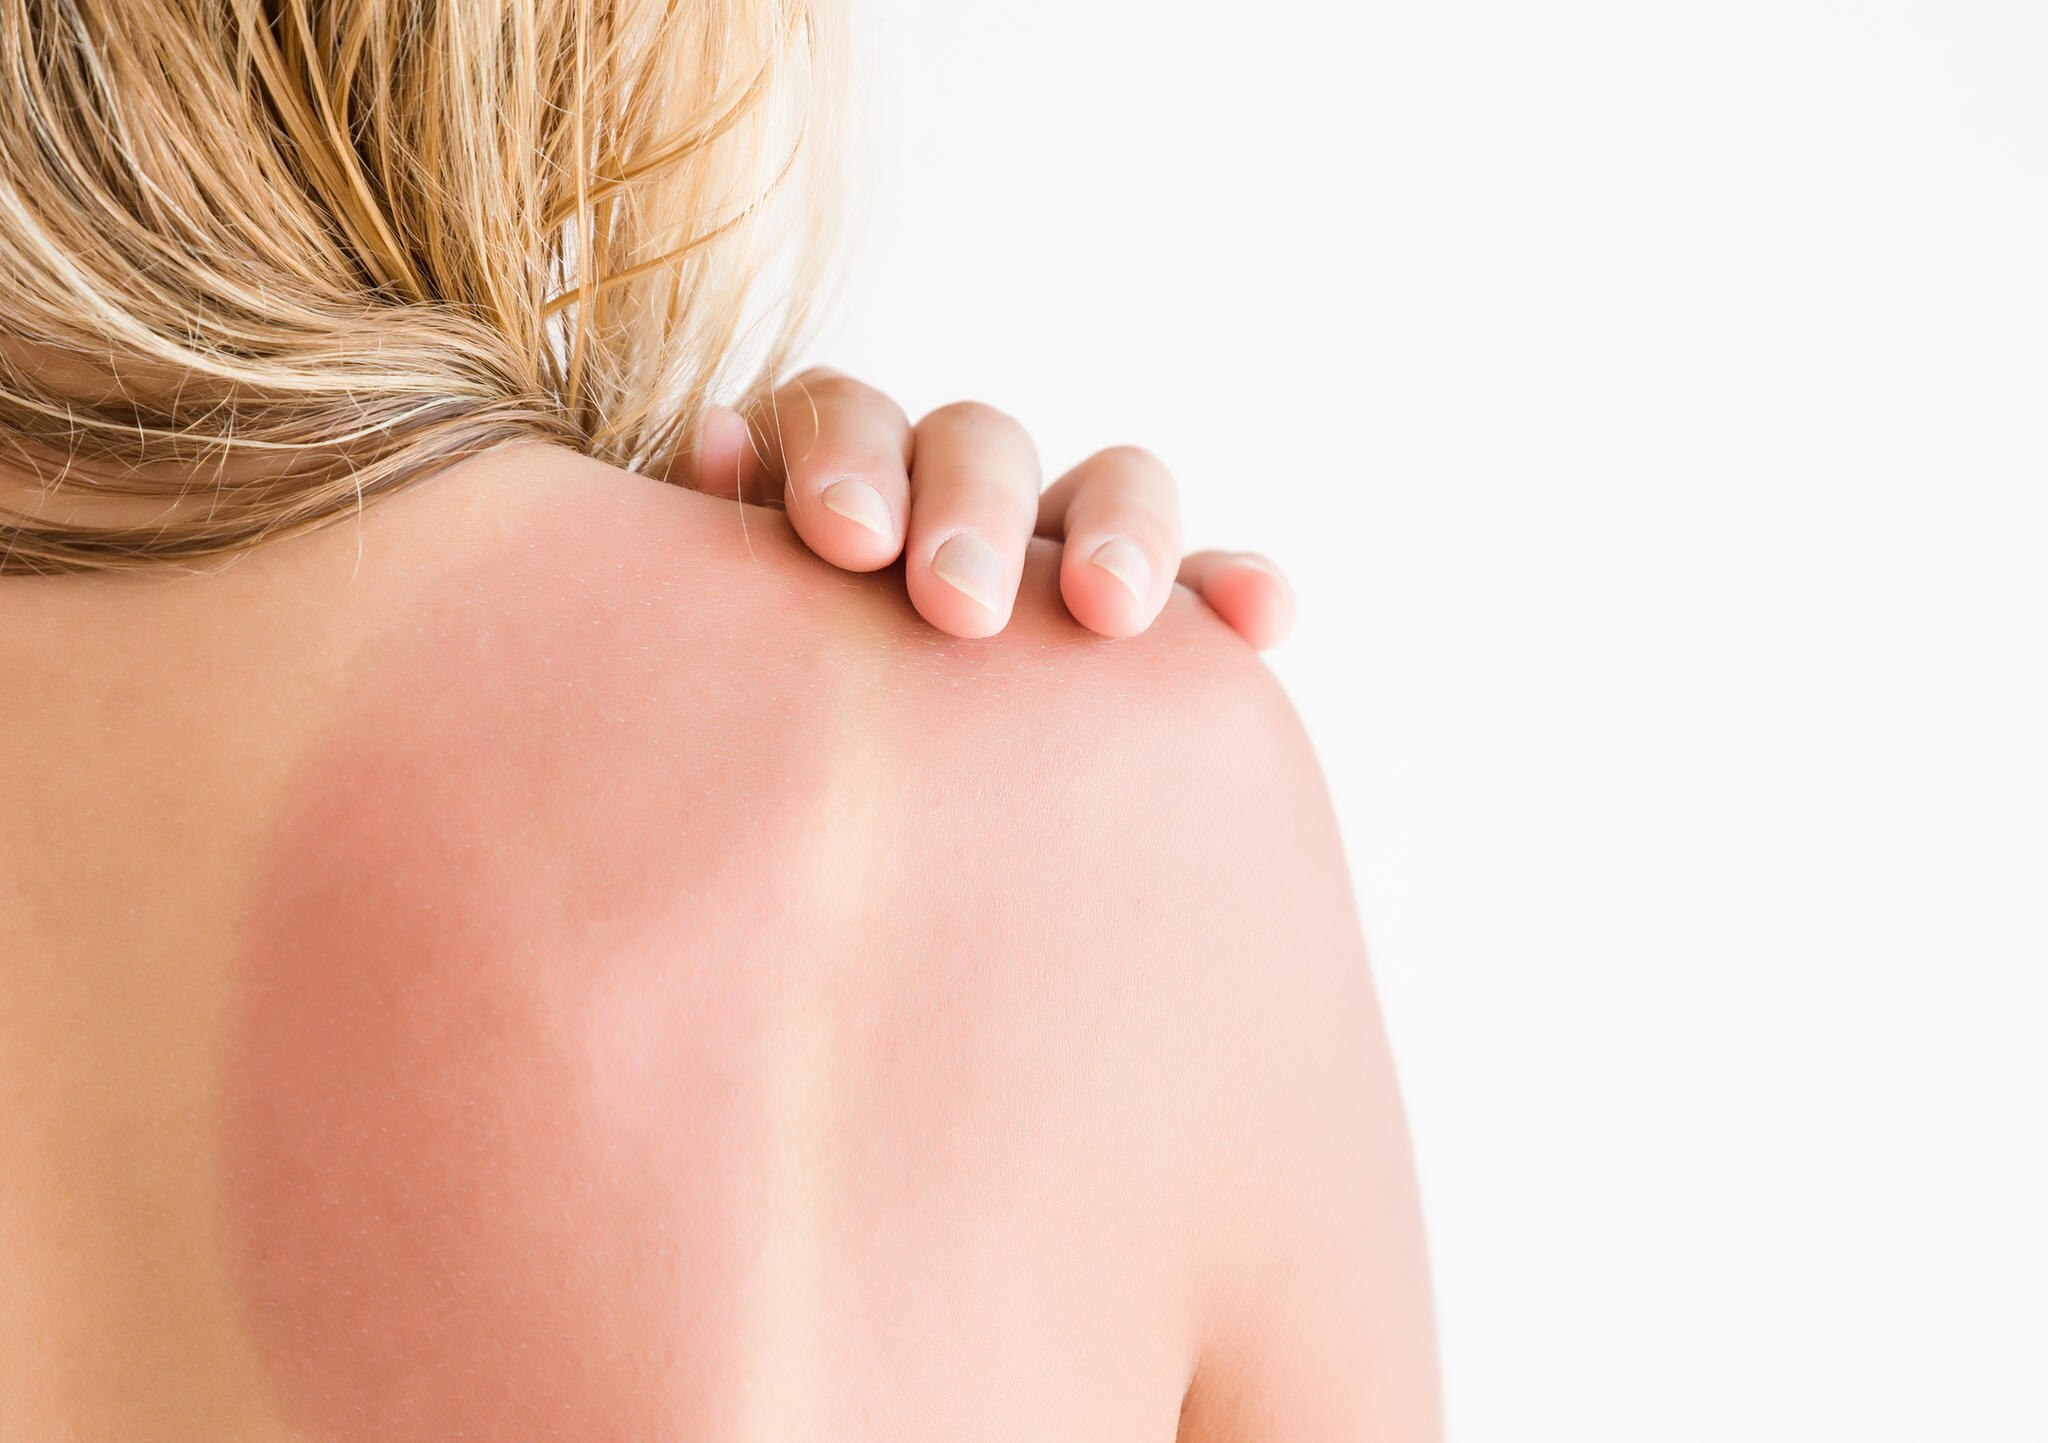 Sonnenbrand: Frau mit Sonnenbrand auf der Schulter